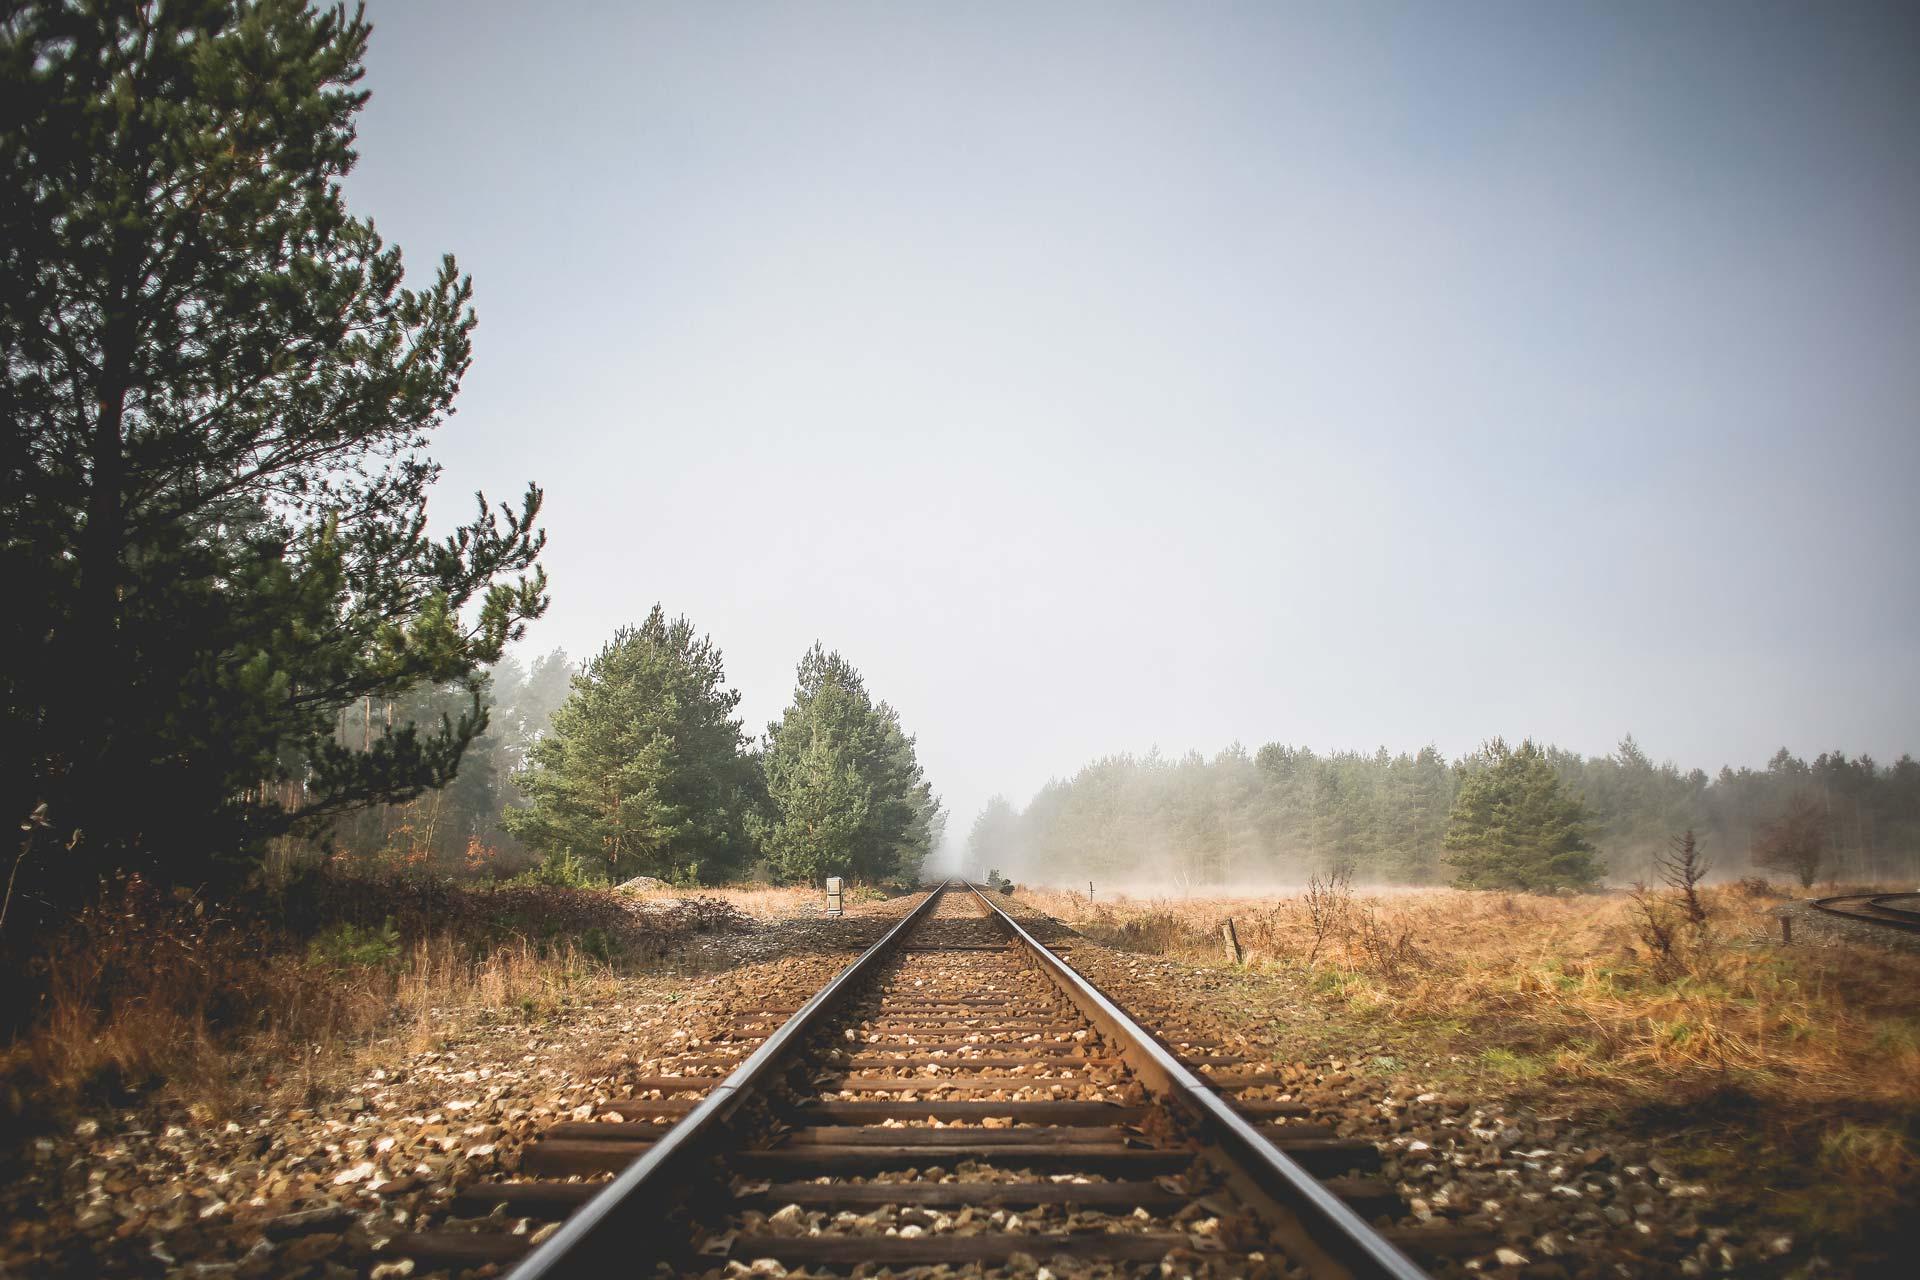 The Railway